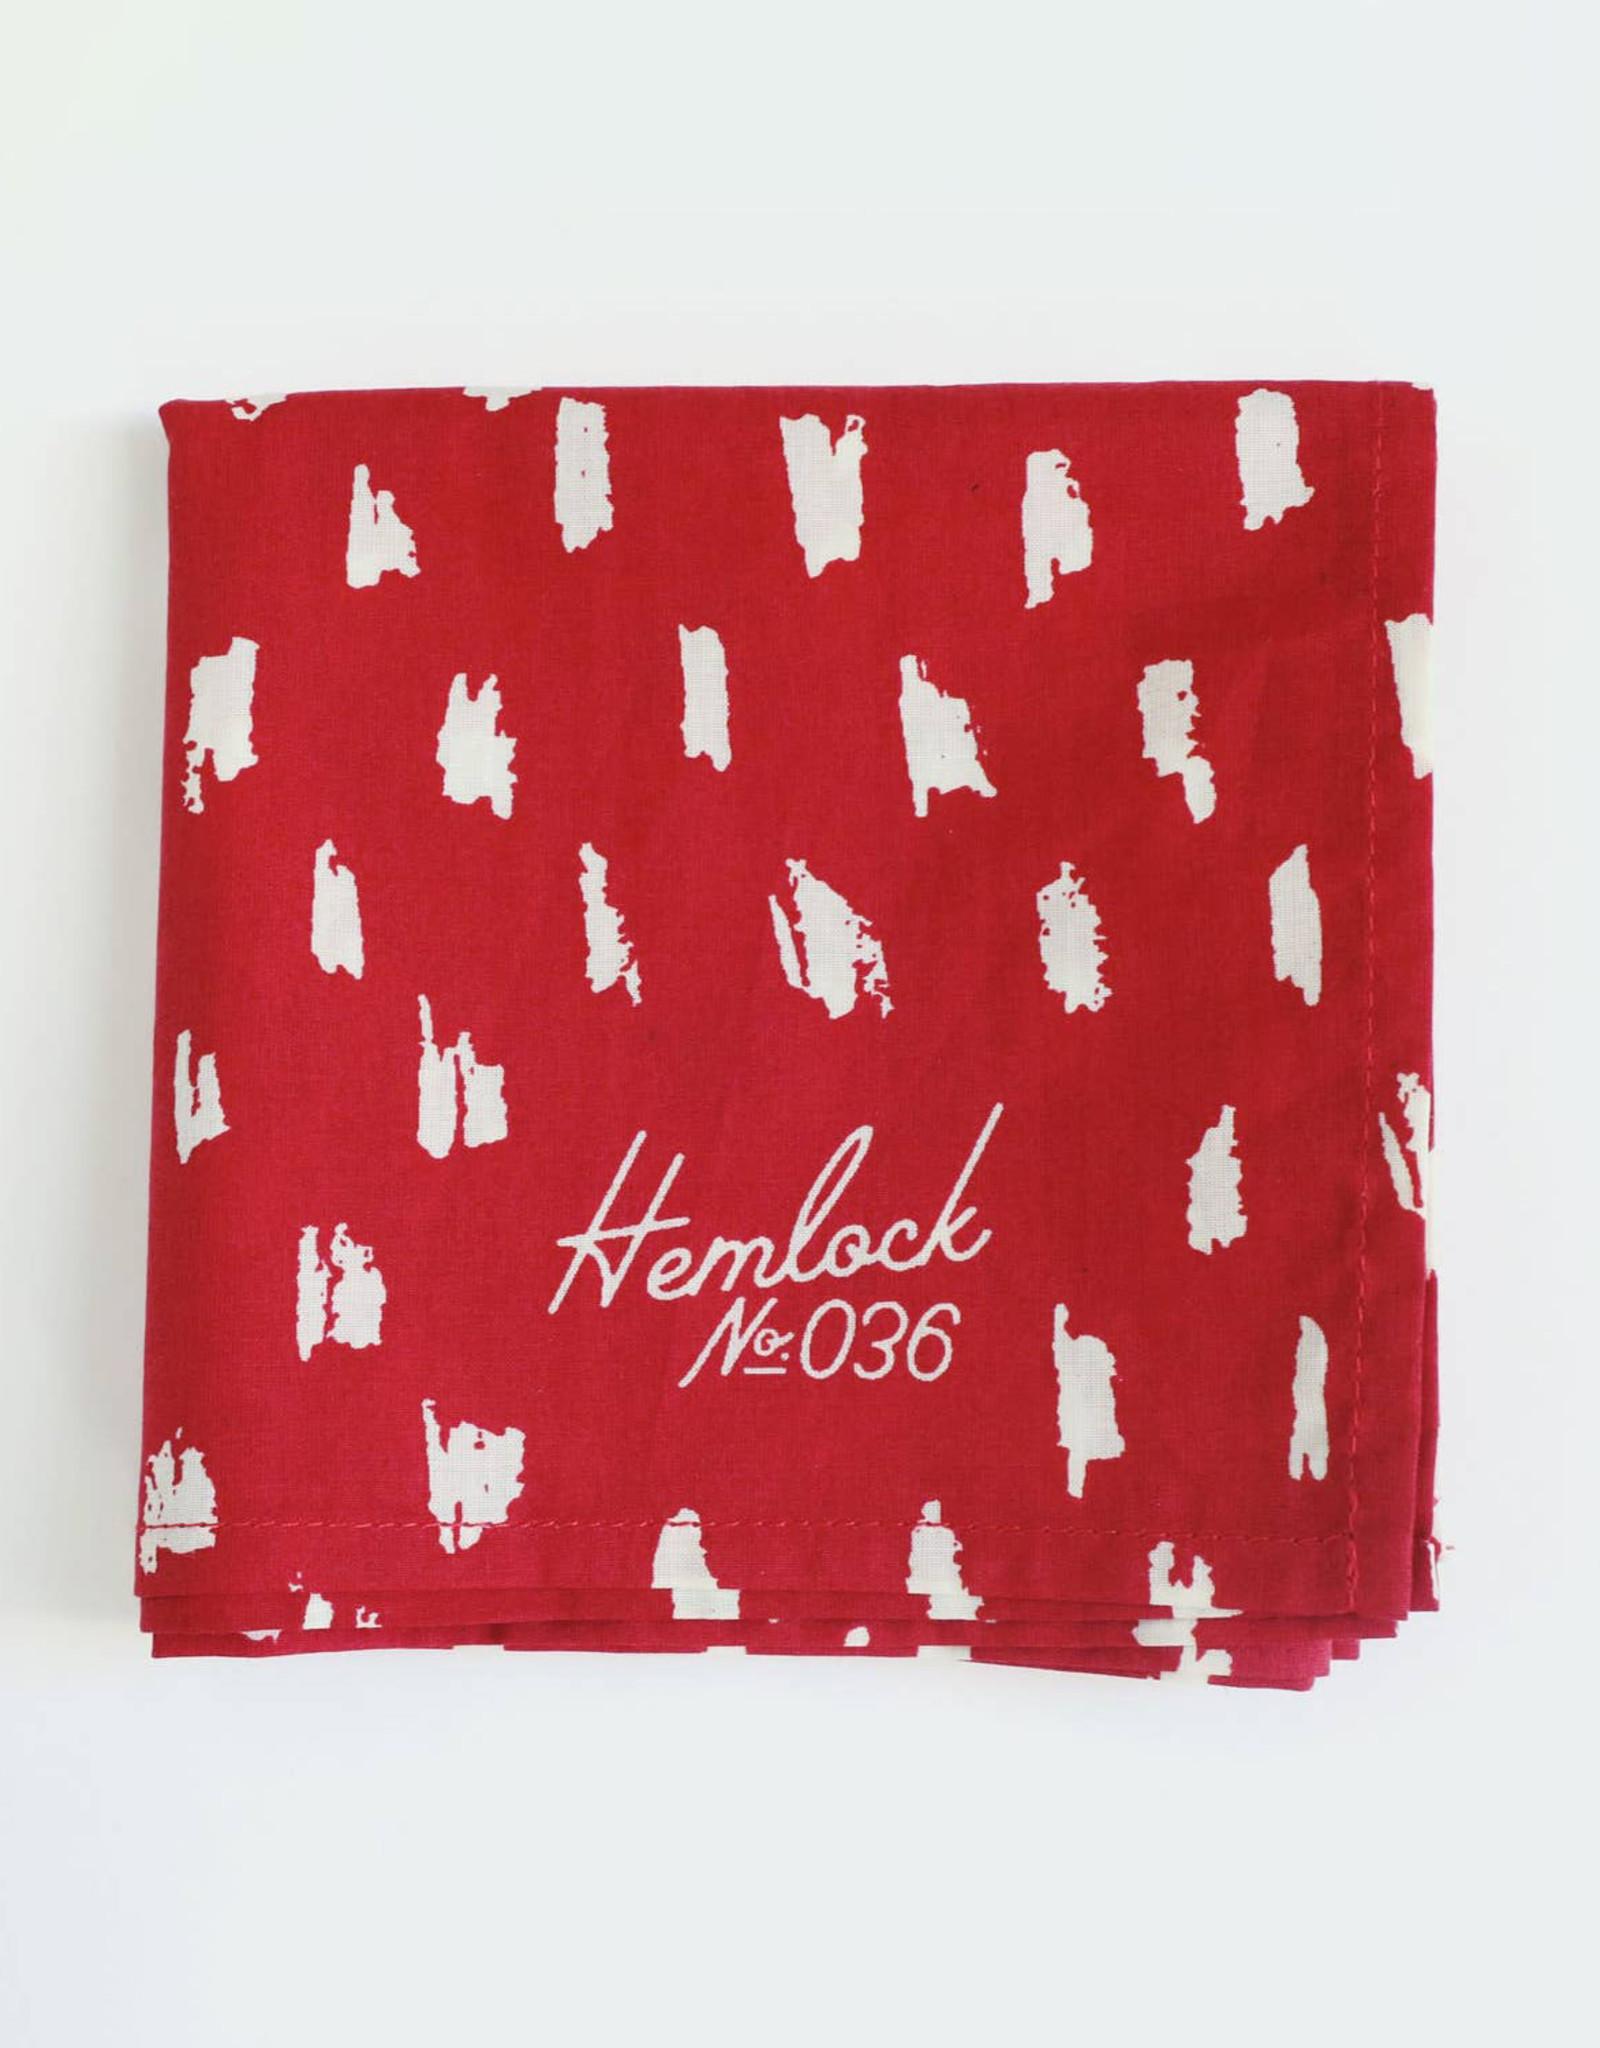 Hemlock No. 036 Scarlet Bandana